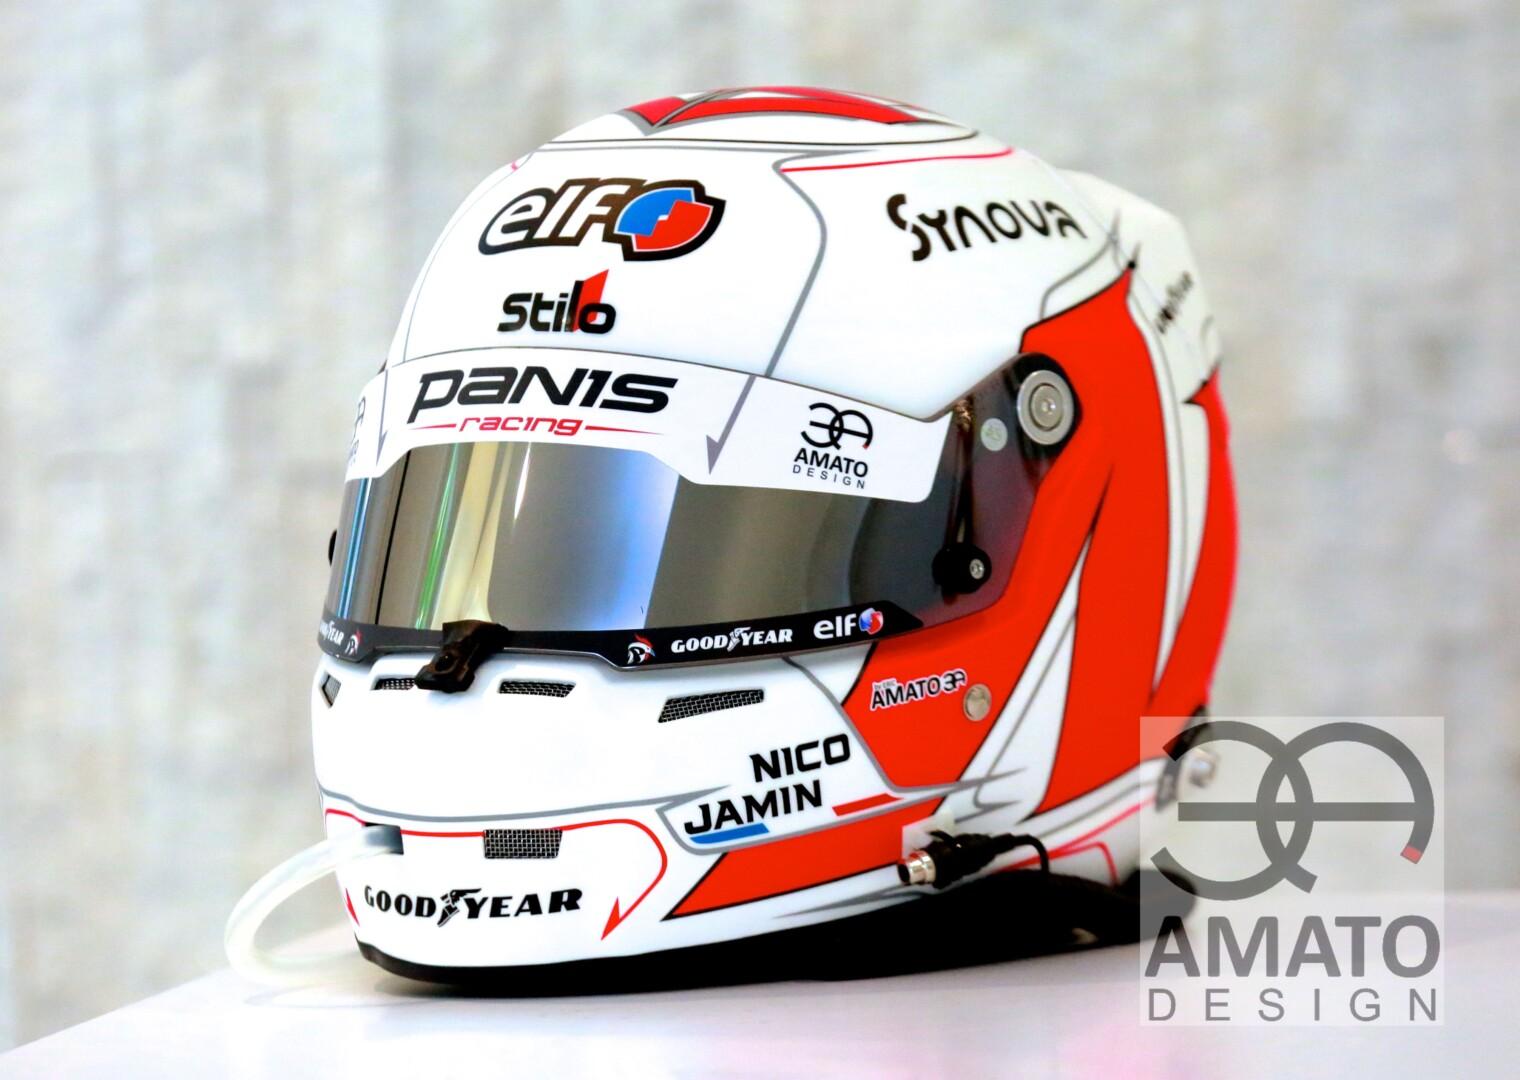 Casque conçu et designé pour le pilote automobile Nicolas Jamin, pilote pour l'écurie Panis Racing et présent aux 24 heures du Mans 2020